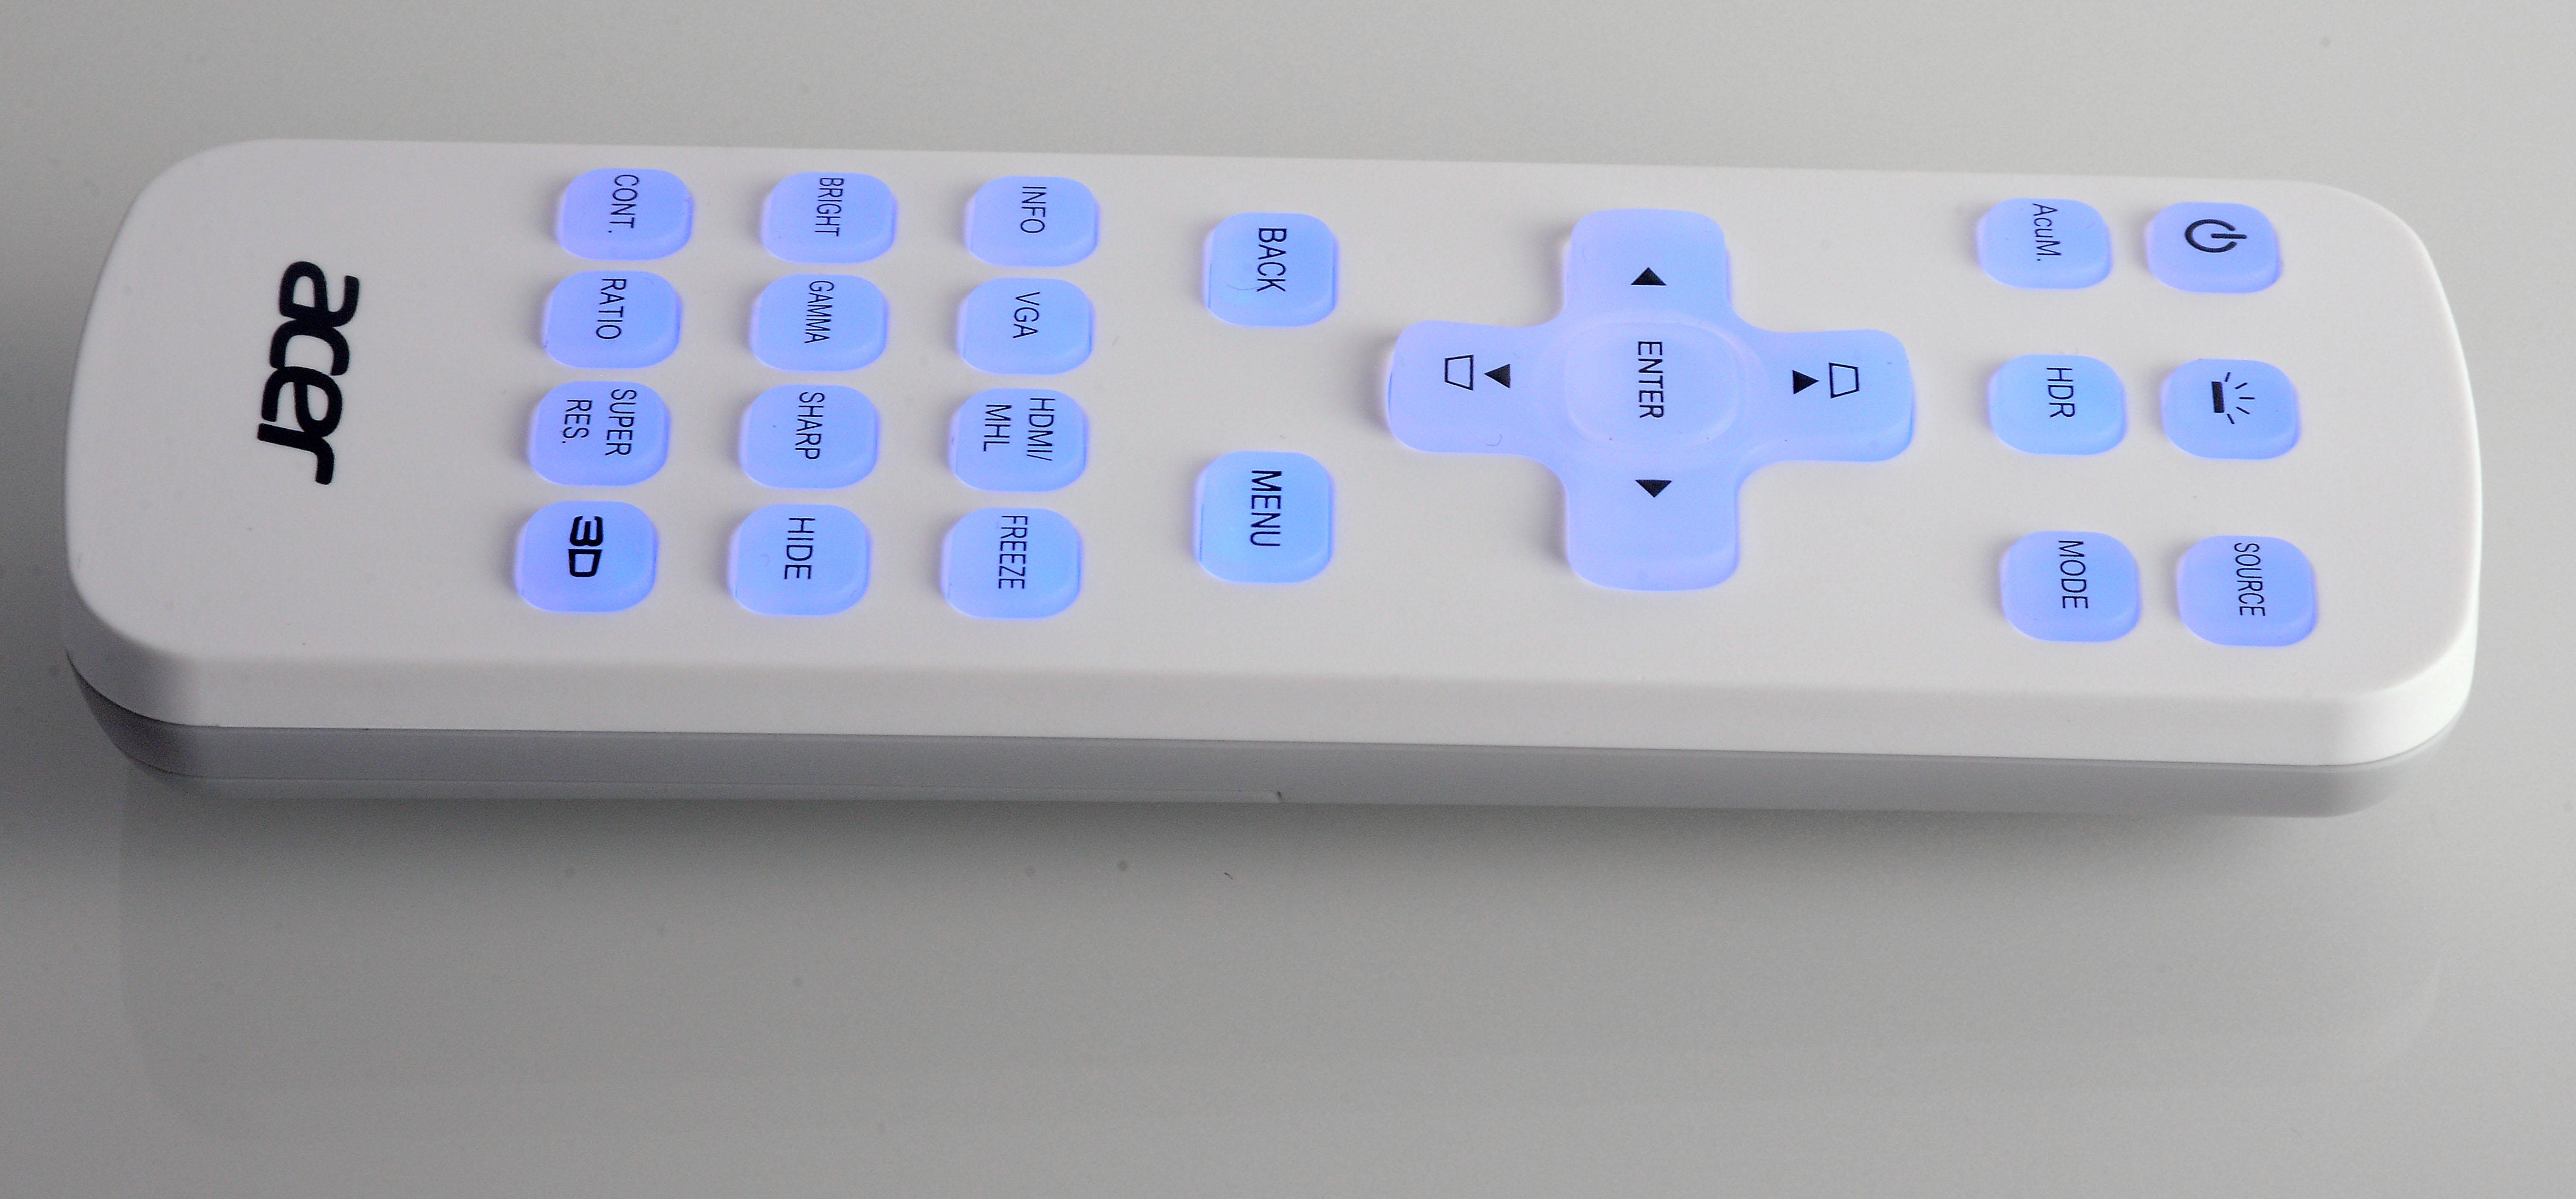 Foto: Michael B. Rehders Dank beleuchteter Tastatur, ist die Aufschrift hervorragend zu lesen. Die Navigation gelingt somit schnell und sicher durchs On-Screen-Menü.